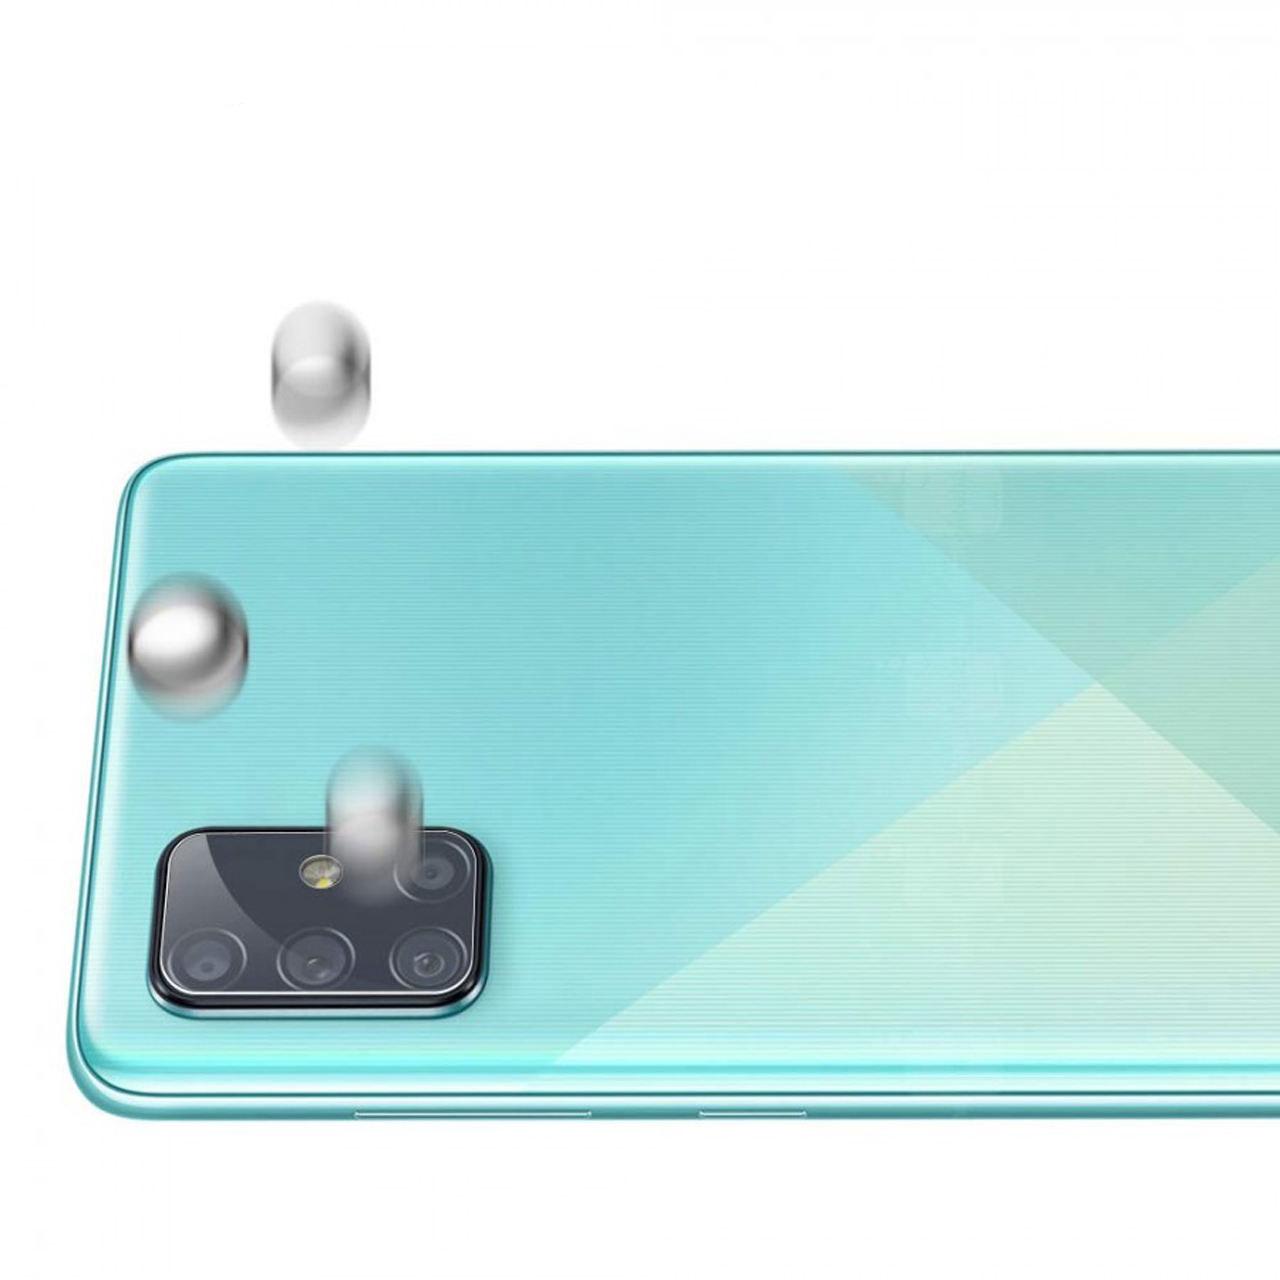 محافظ لنز دوربین کینگ کونگ مدل K-LNZ مناسب برای گوشی موبایل سامسونگ Galaxy A51              ( قیمت و خرید)